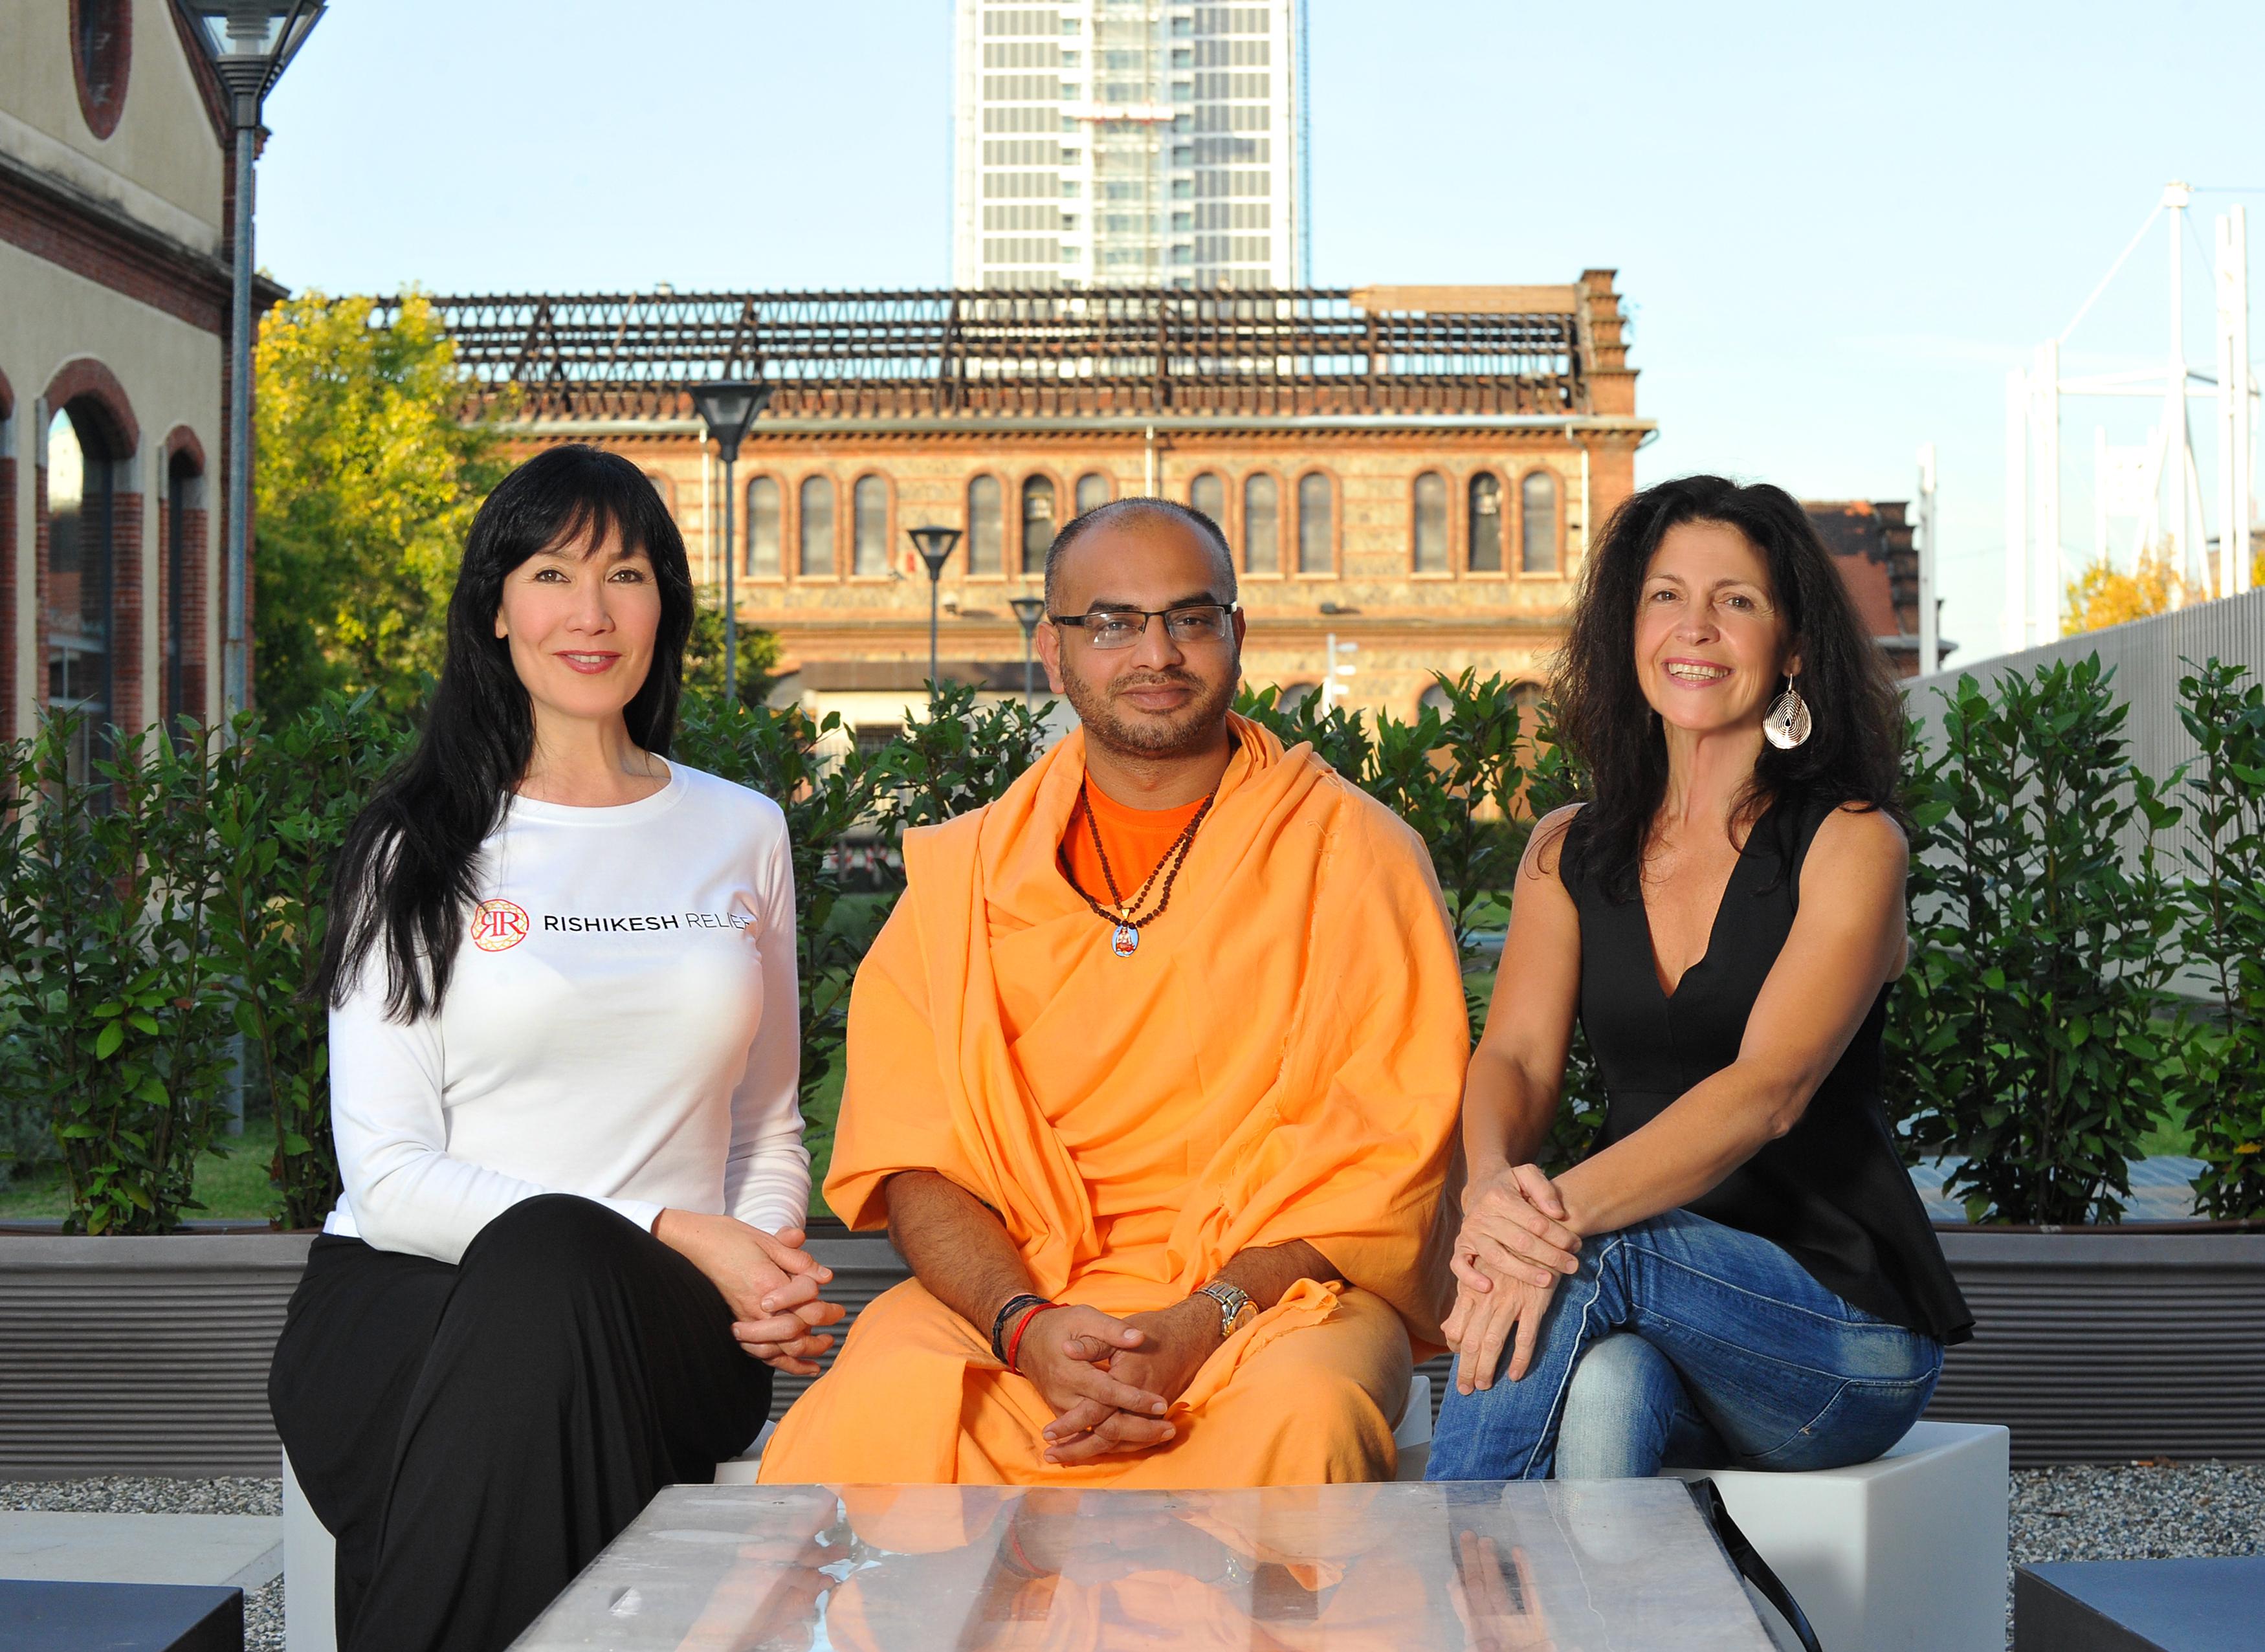 Rishikesh Relief Fundraiser Torino, Italy 09-2014